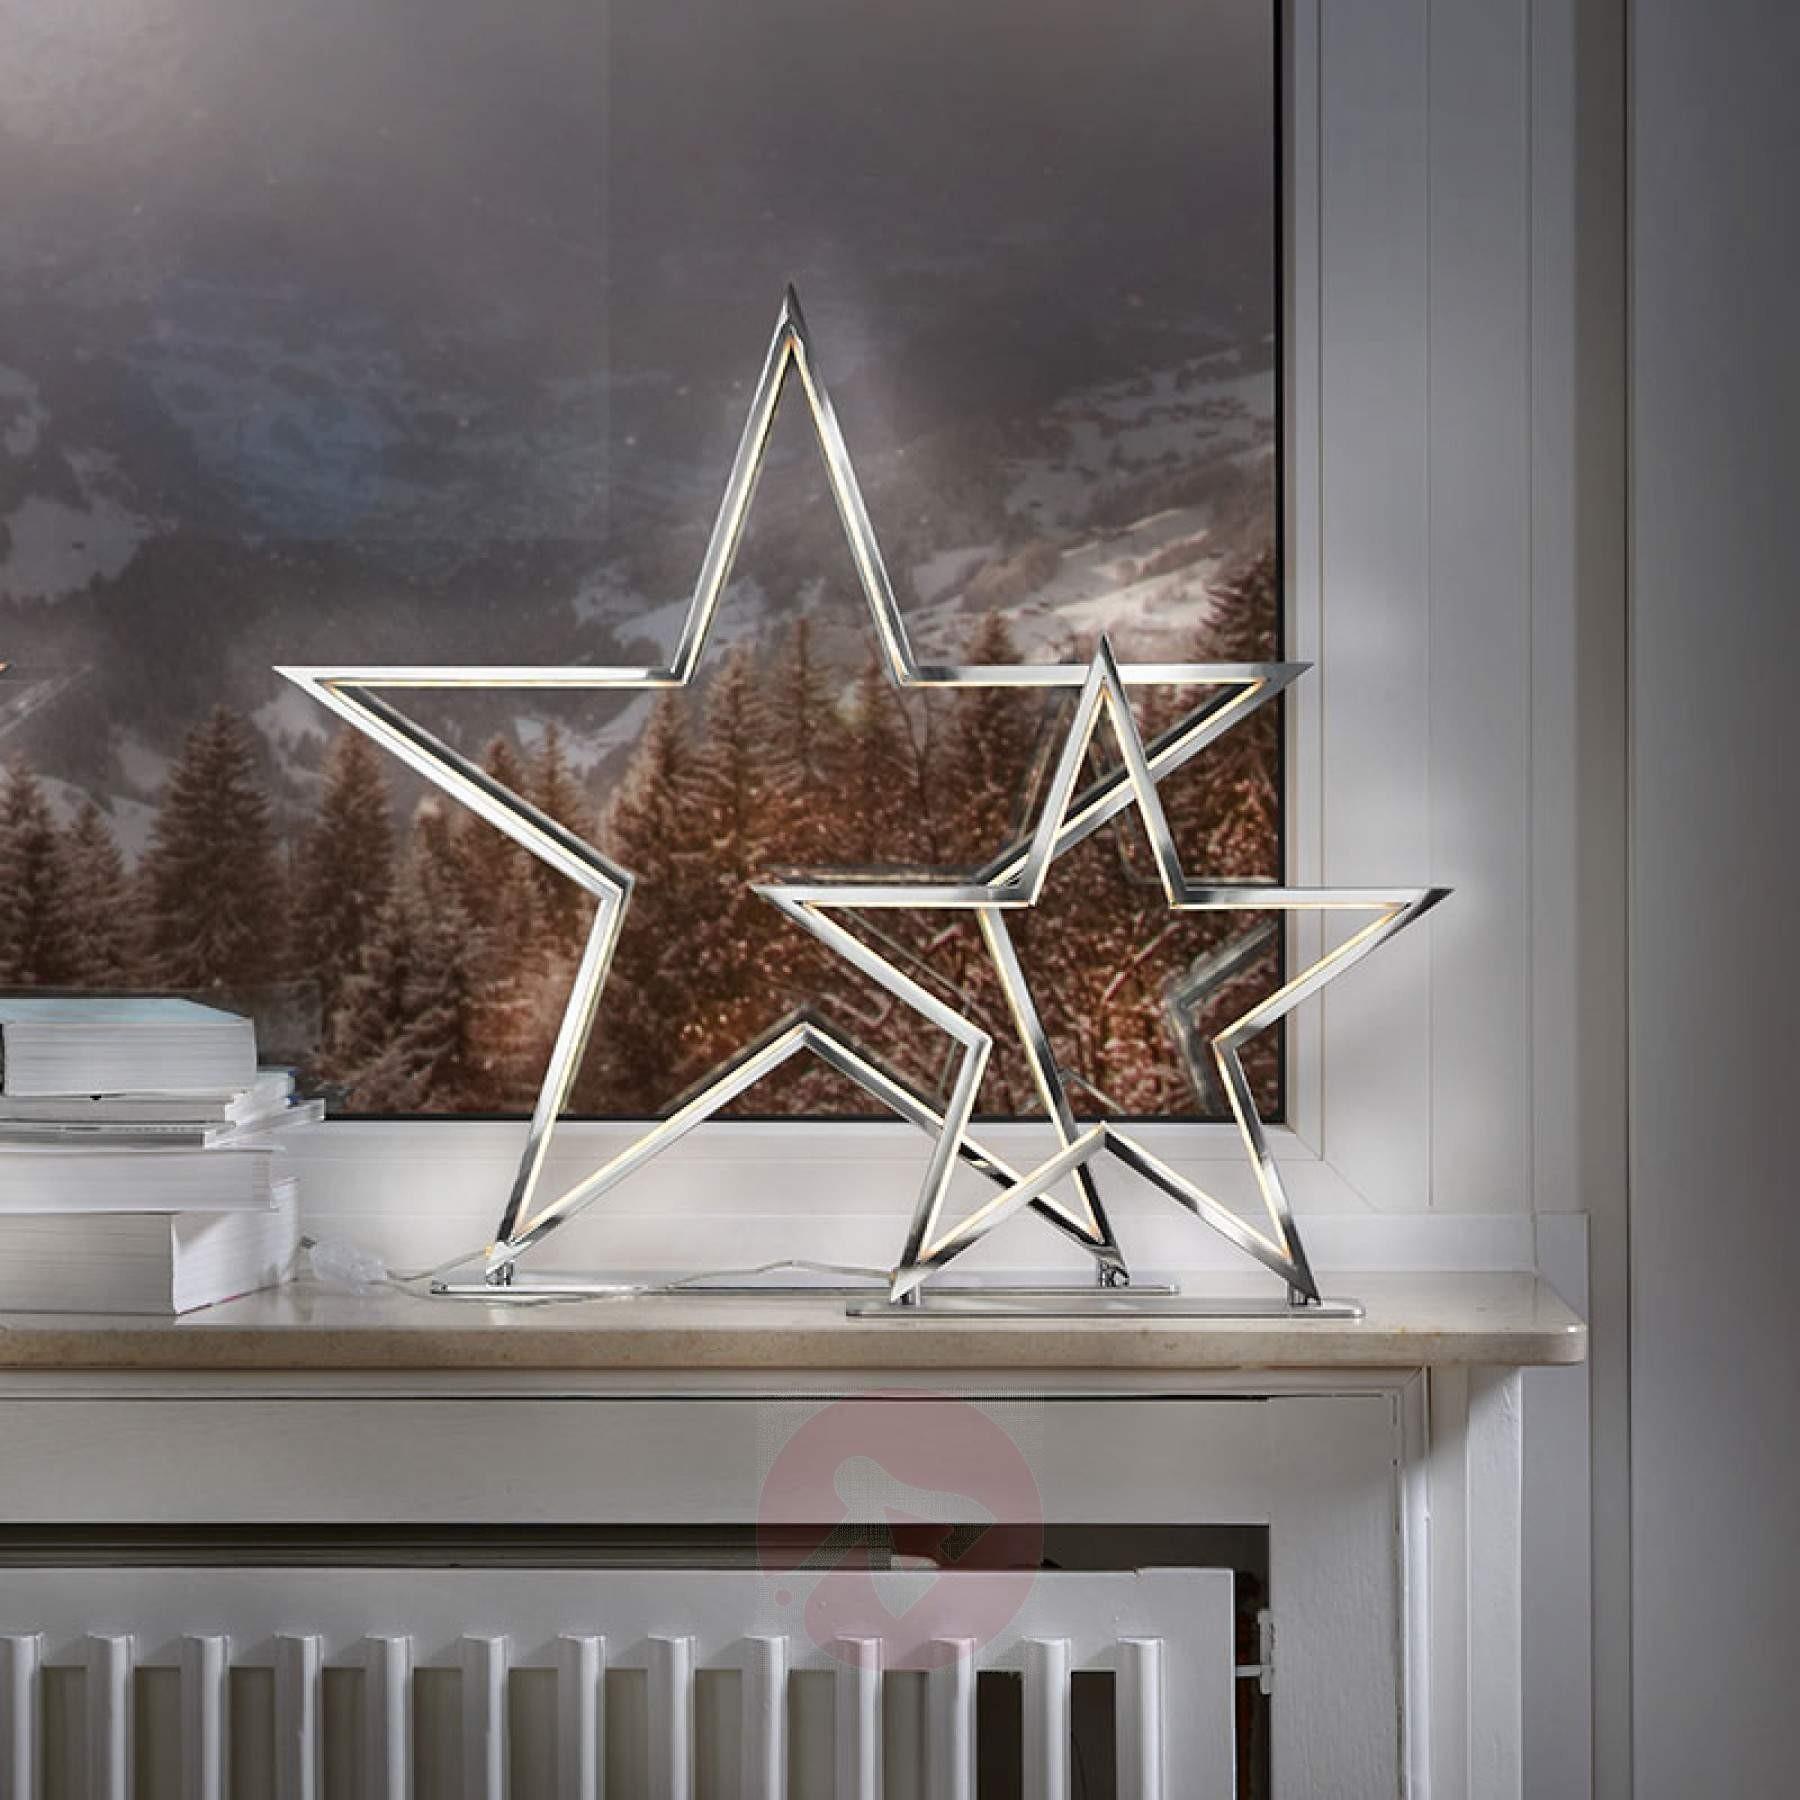 Full Size of Designer Lampen Deckenlampen Für Wohnzimmer Bad Led Regale Esstisch Esstische Küche Badezimmer Modern Schlafzimmer Stehlampen Betten Wohnzimmer Designer Lampen